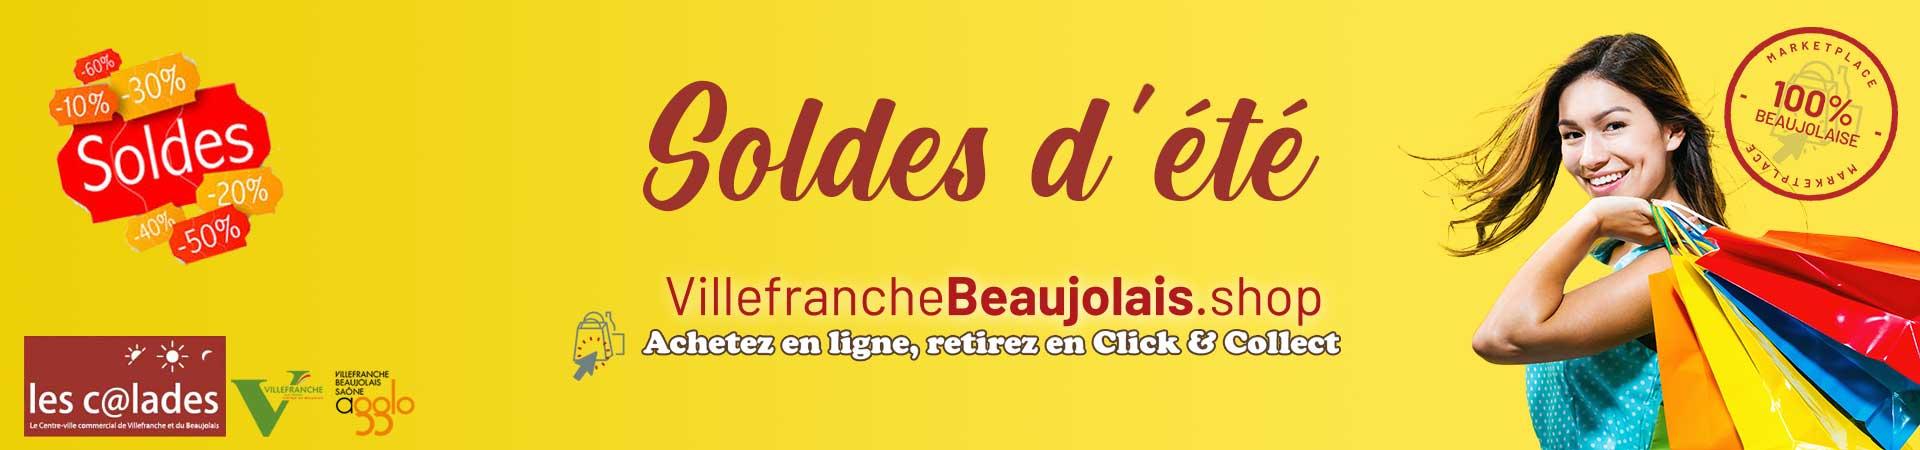 Soldes d'été Villefranche Beaujolais